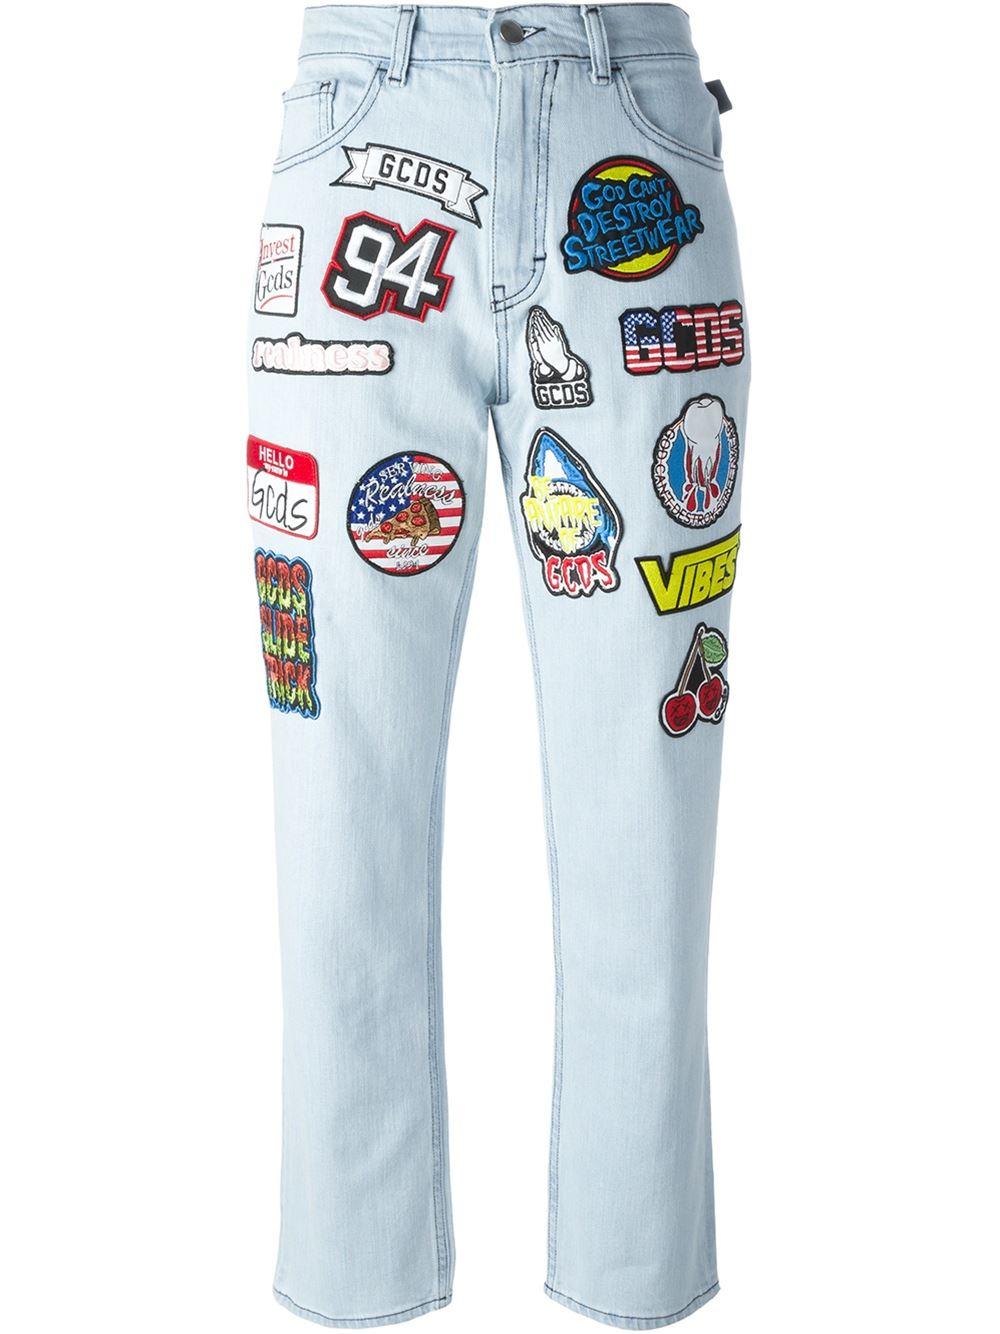 gcds jeans.jpg